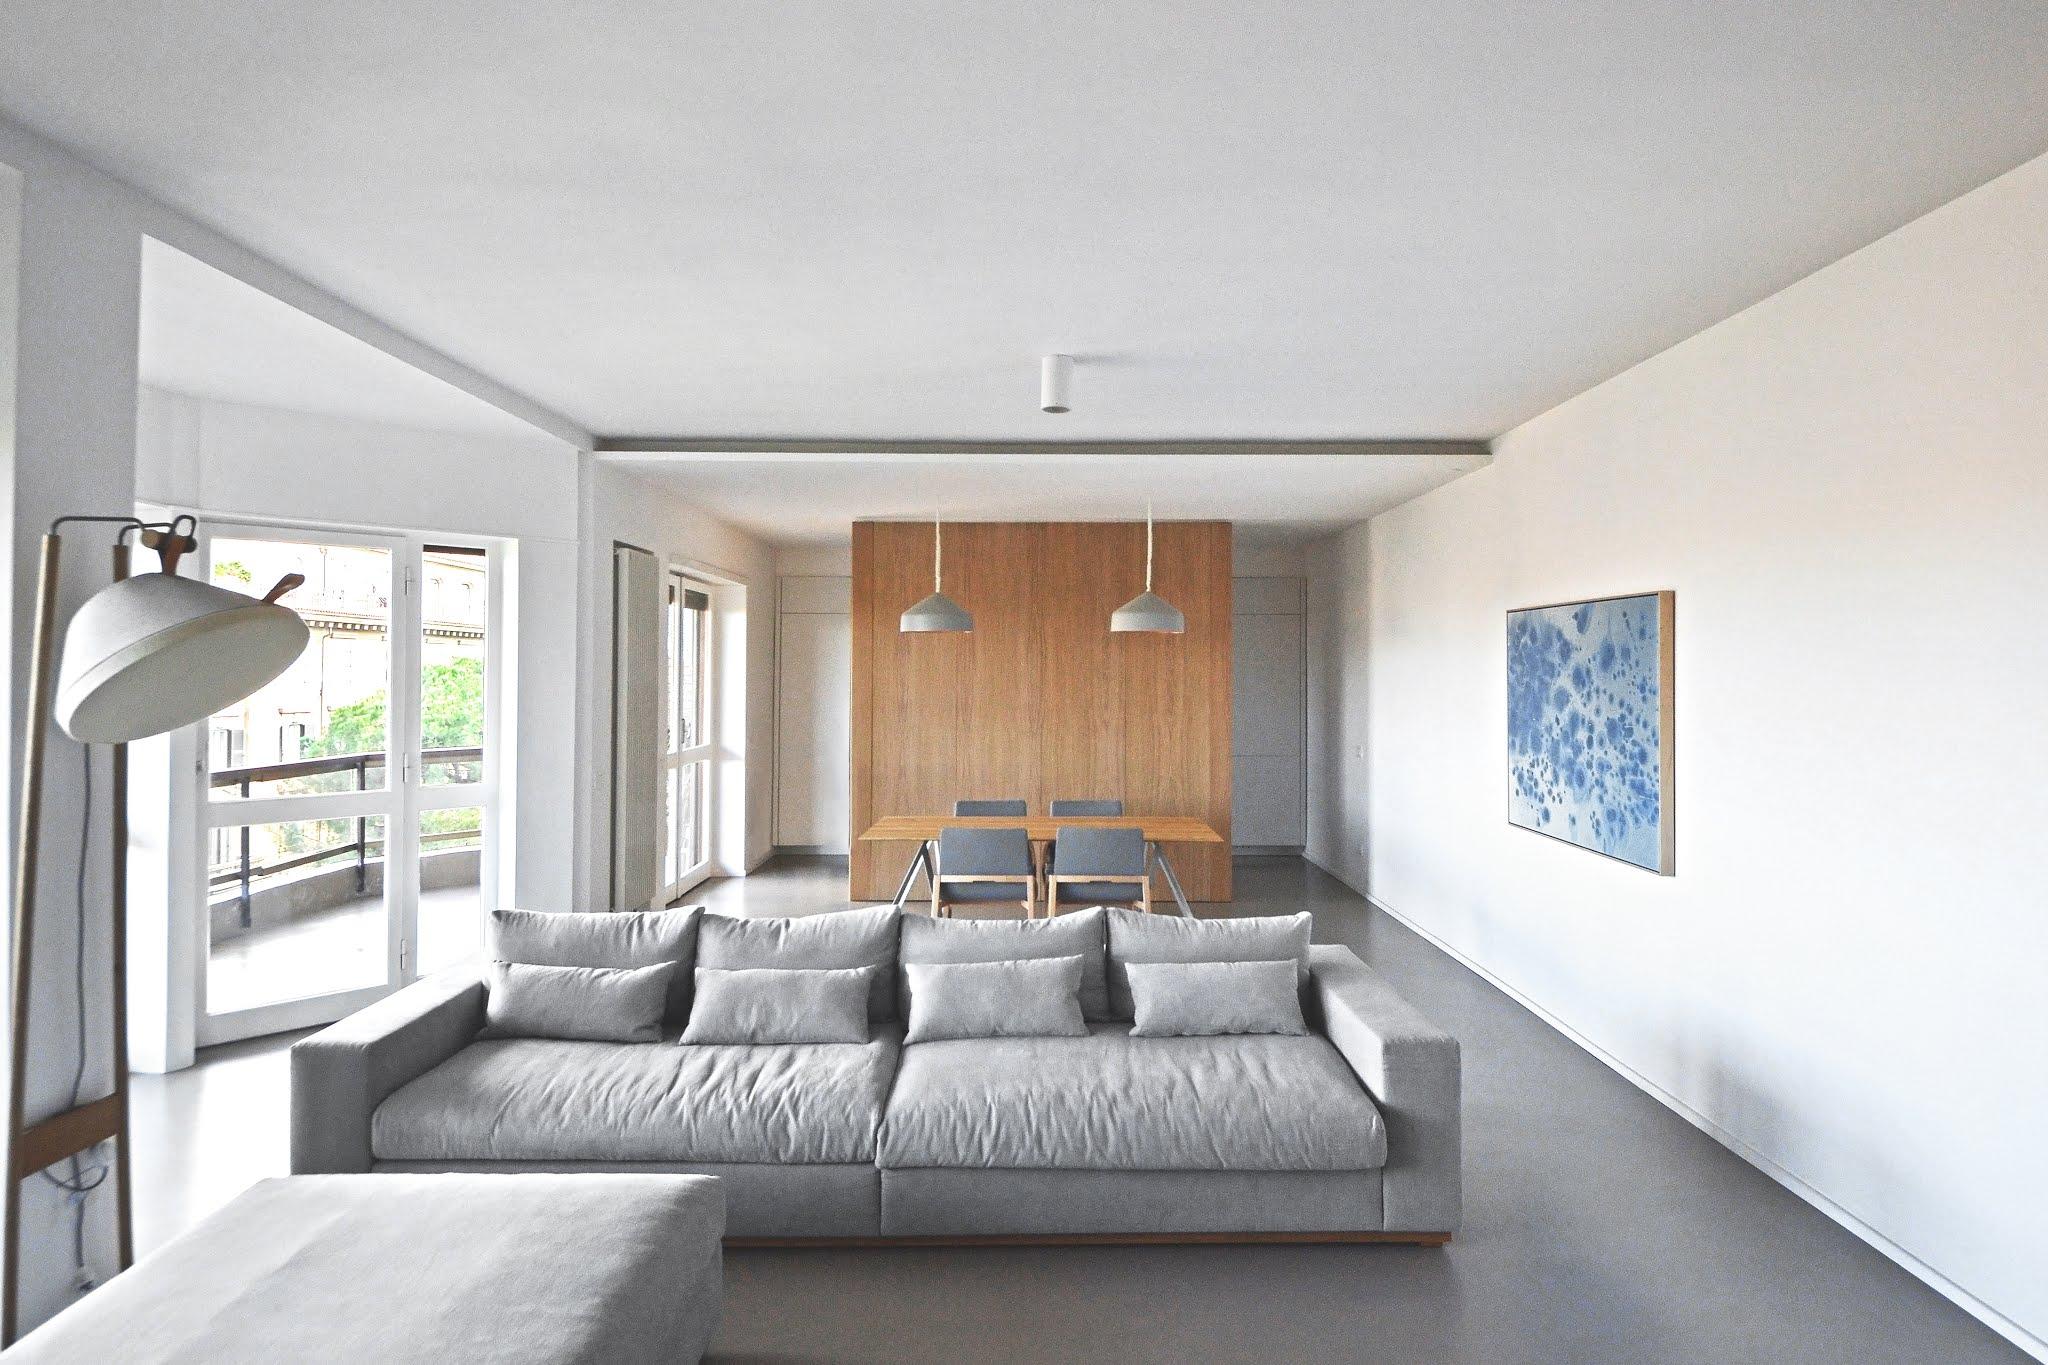 Architettura E Design simplicity love